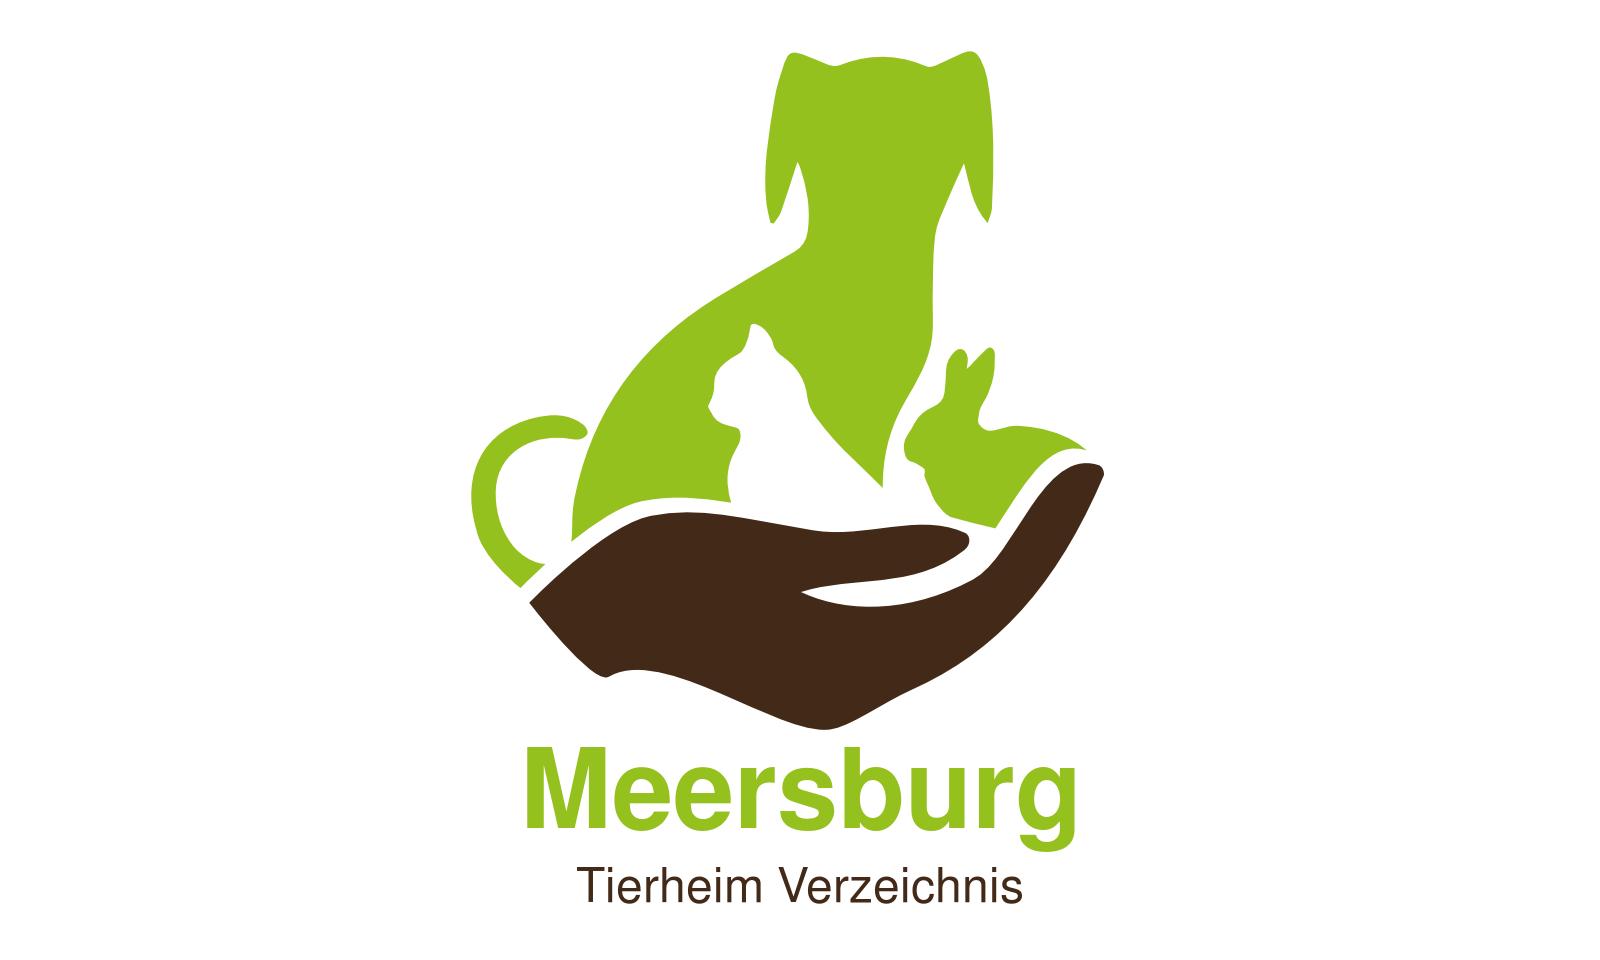 Tierheim Meersburg